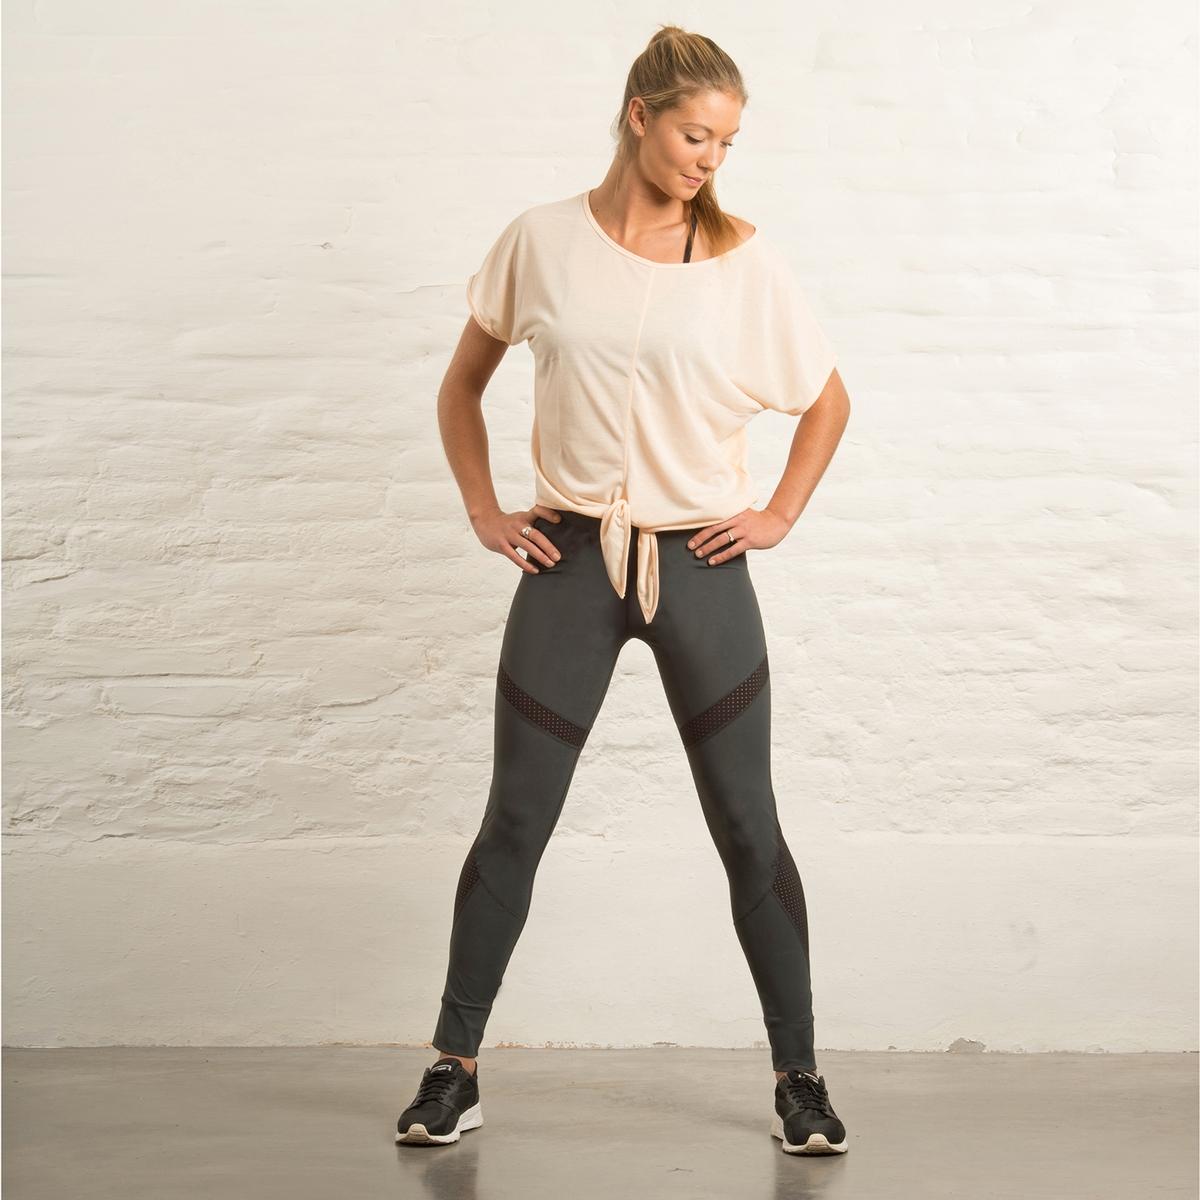 Футболка Lola yoga с бантикомЭта футболка свободного покроя с бантиком сочетает комфорт, стильный дизайн и женственность.Тщательно произведенный в Португалии мягкий материал с обработкой dry, напоминающий на ощупь хлопок, способствует отводу влаги и быстрому высыханию. • Футболка Yoga Loose с бантиком• 100 % полиэстер • Сделано в Португалии• Машинная стирка при 30°СРост нашего манекена 1M78 и размер 36/38, S.Объемный покрой, если ваш размер посередине, выбирайте модель меньшего размера<br><br>Цвет: телесный<br>Размер: S